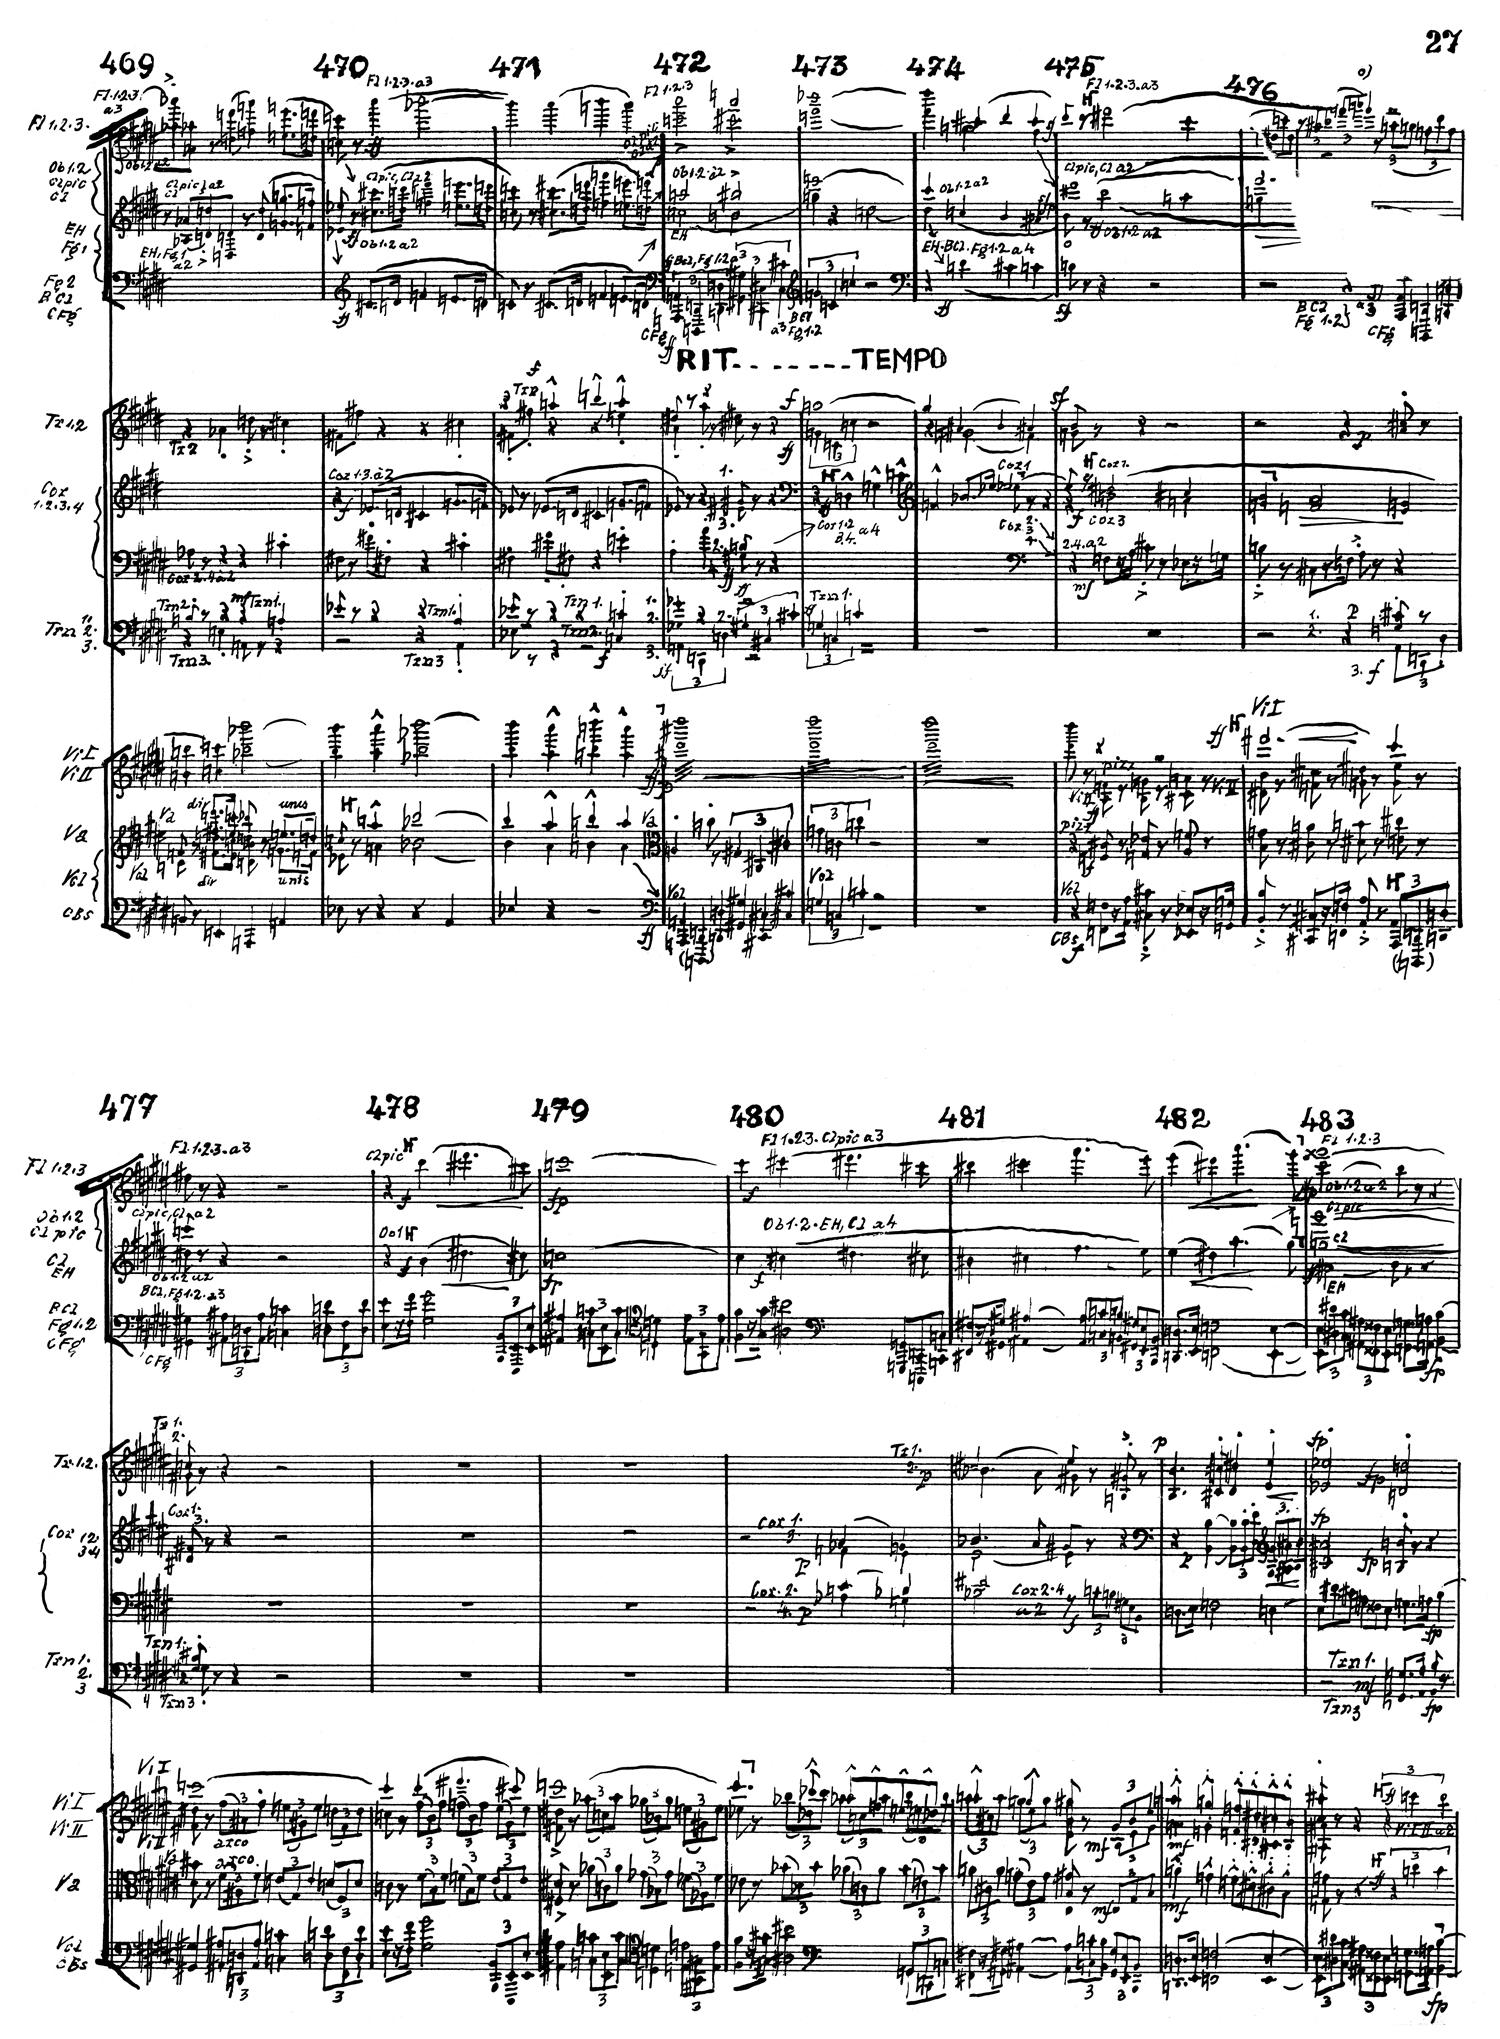 Schoenberg Autograph 2.jpg